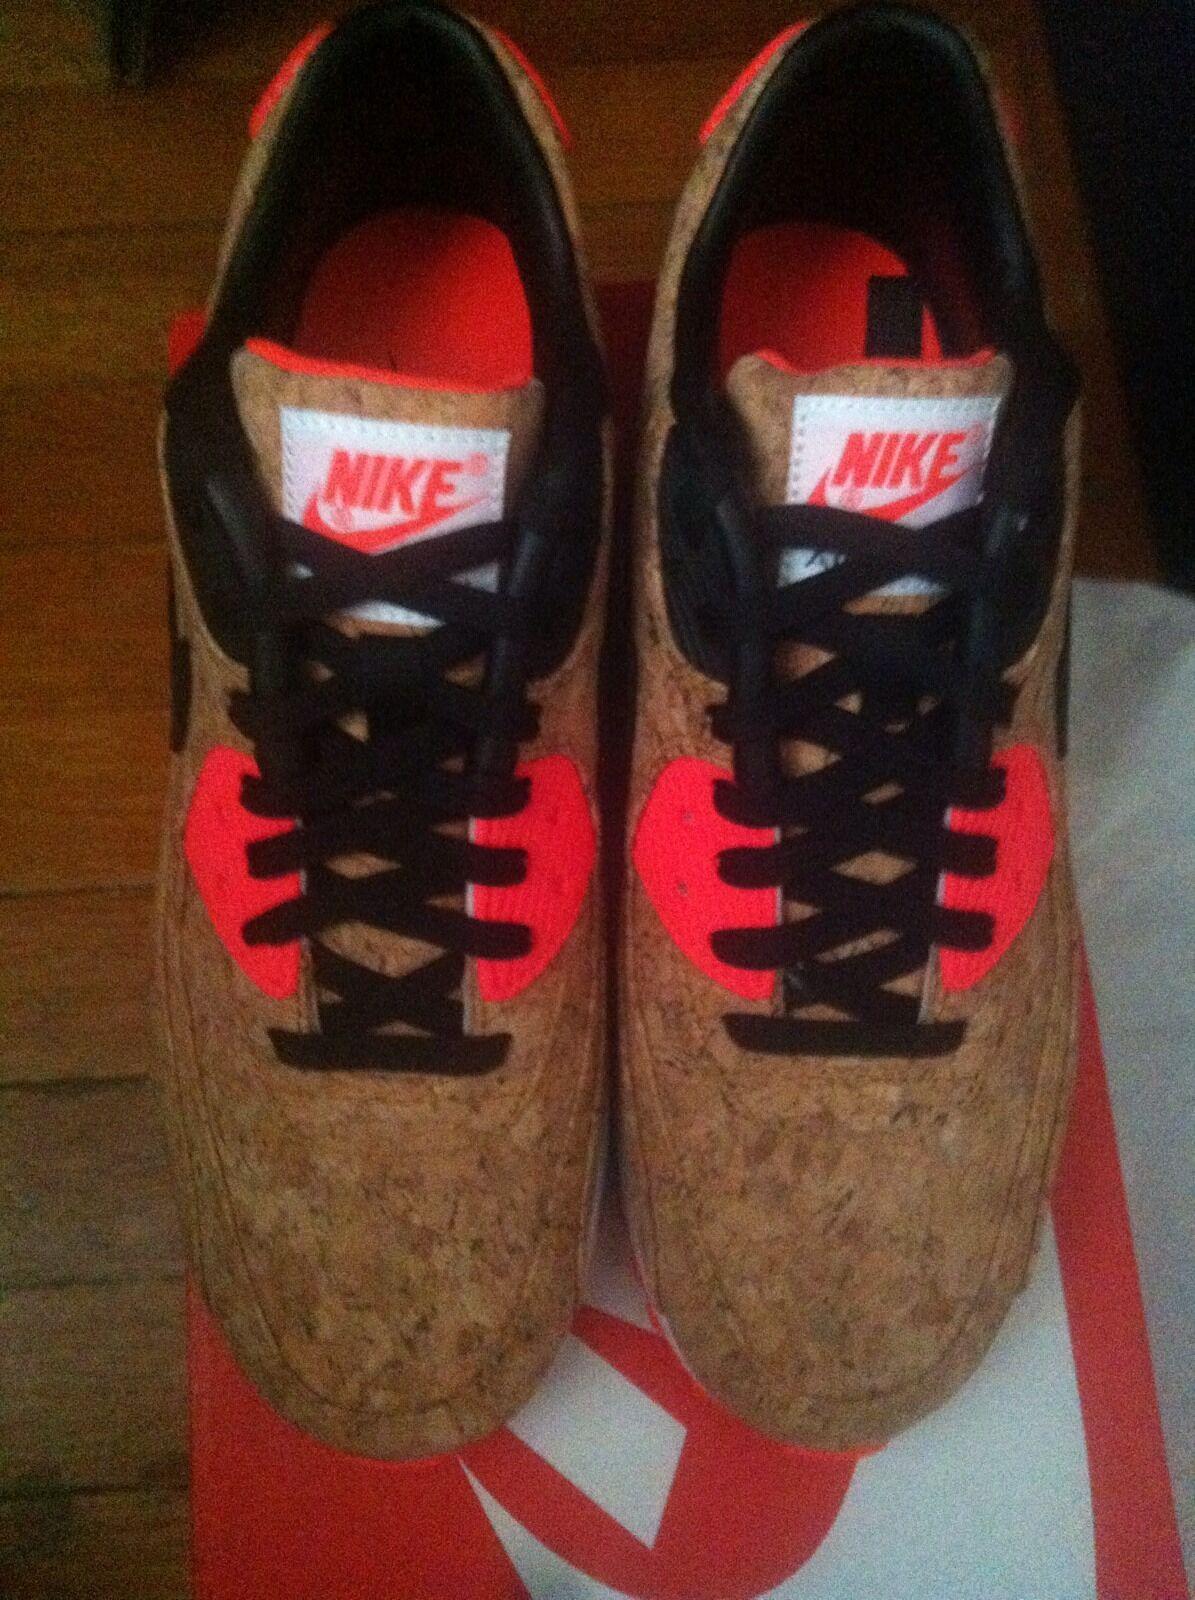 DS Méret Nike Air Max 90 évforduló évforduló 90 Cork 90